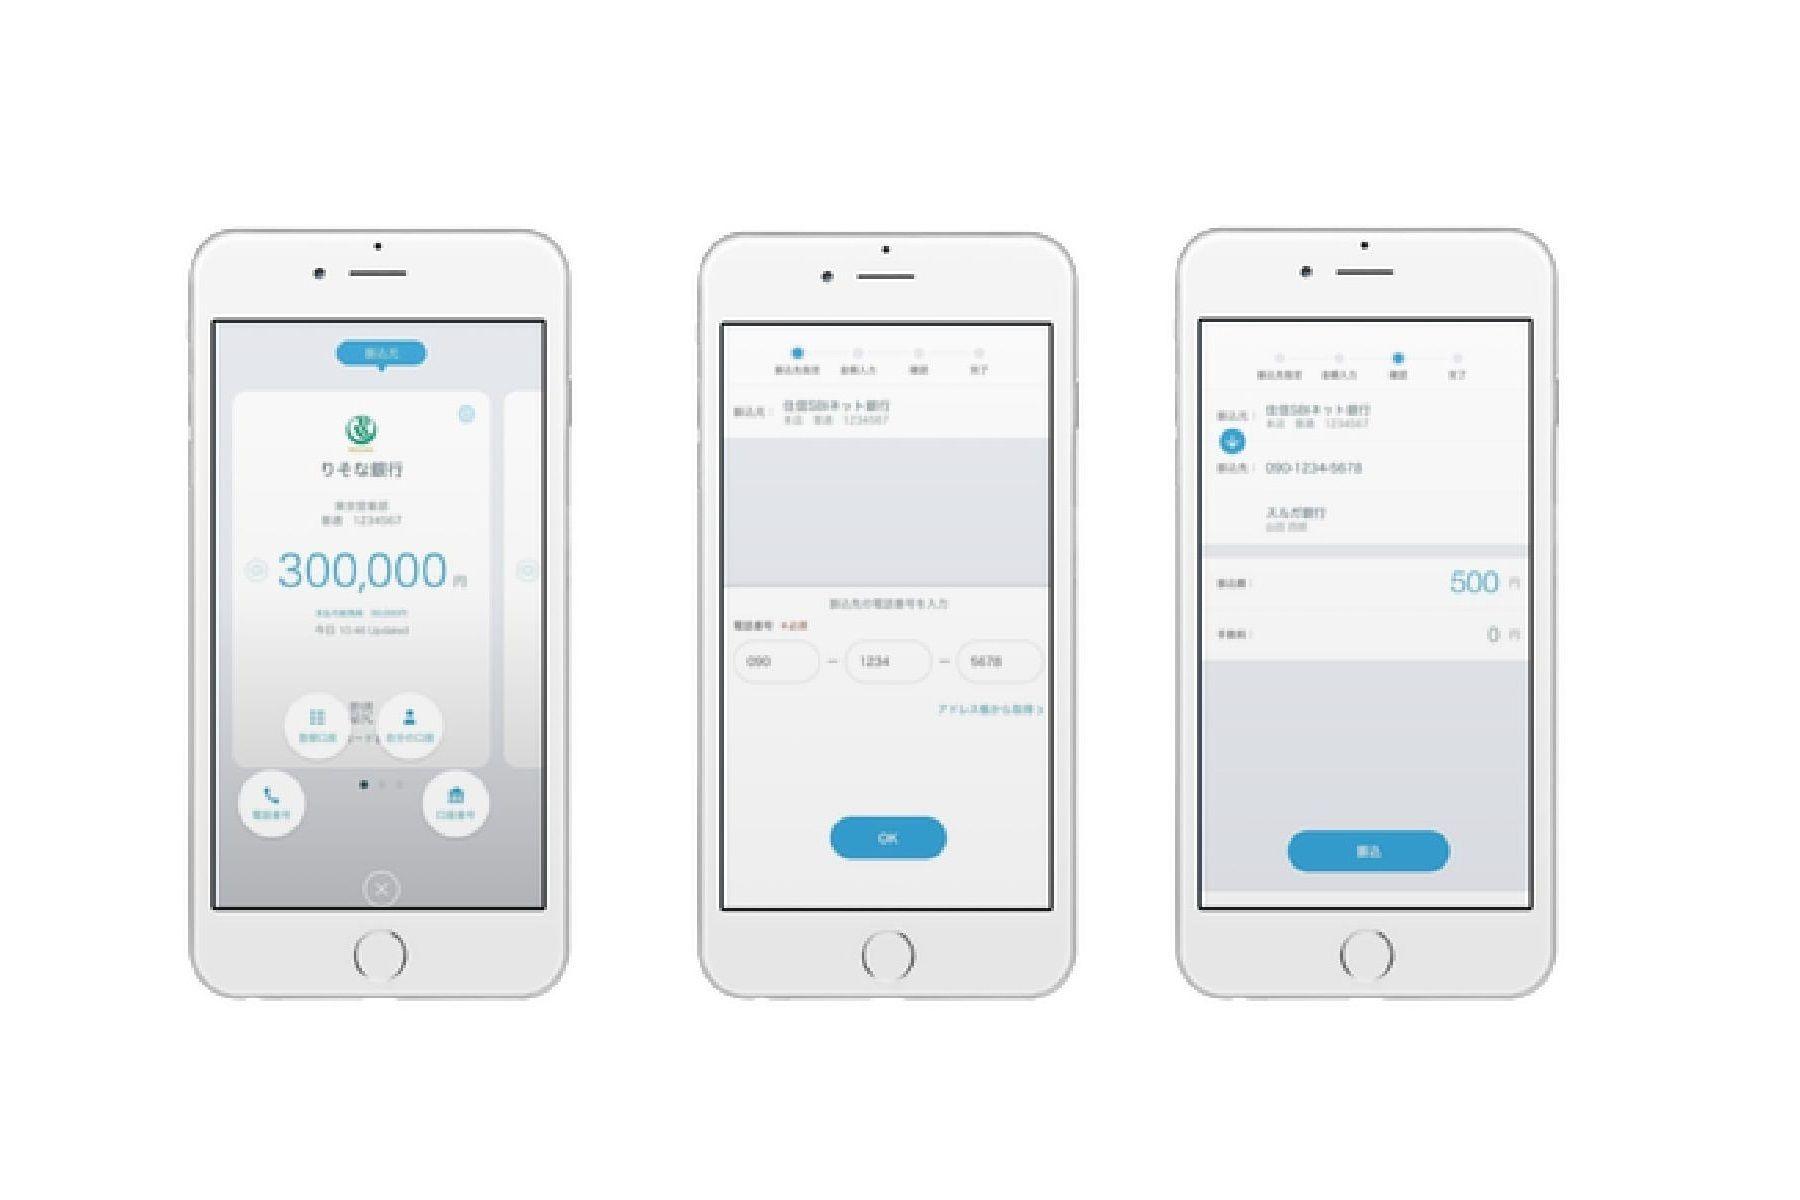 携帯電話で送金可能な新サービス 「ブロックチェーン」で実現